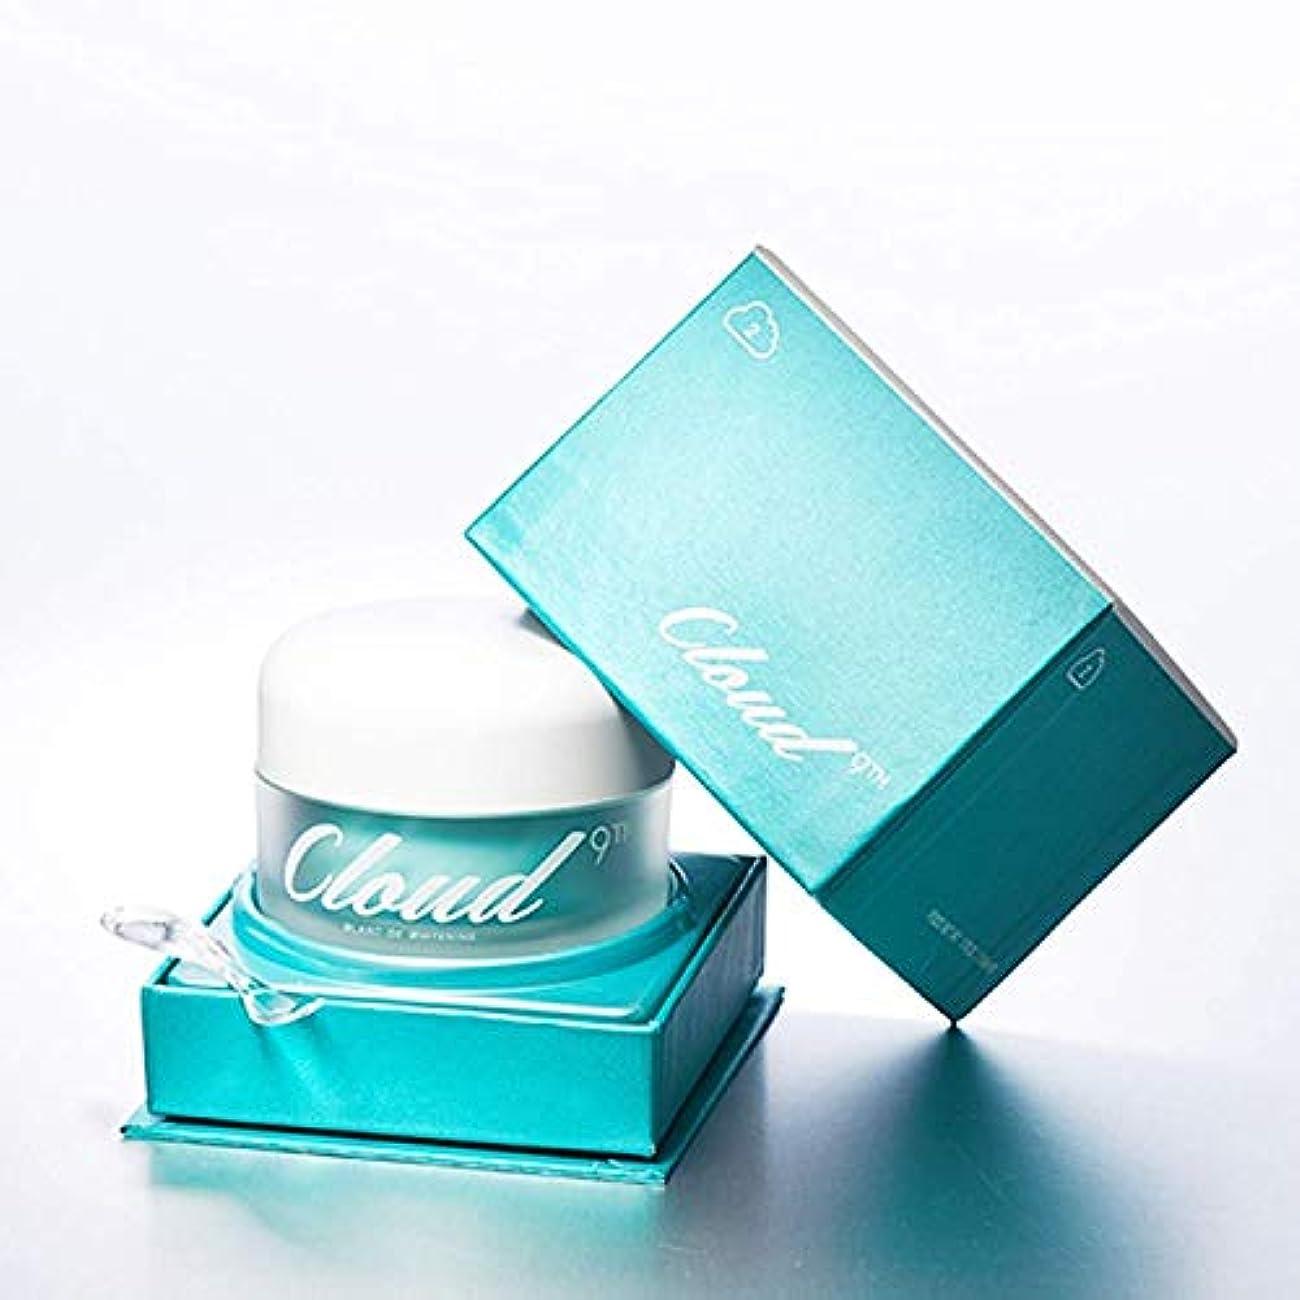 利得支出リーダーシップCLOUD 9 クラウド?ナイン ホワイトニングクリーム (White Moisture Cream) 海外直送品